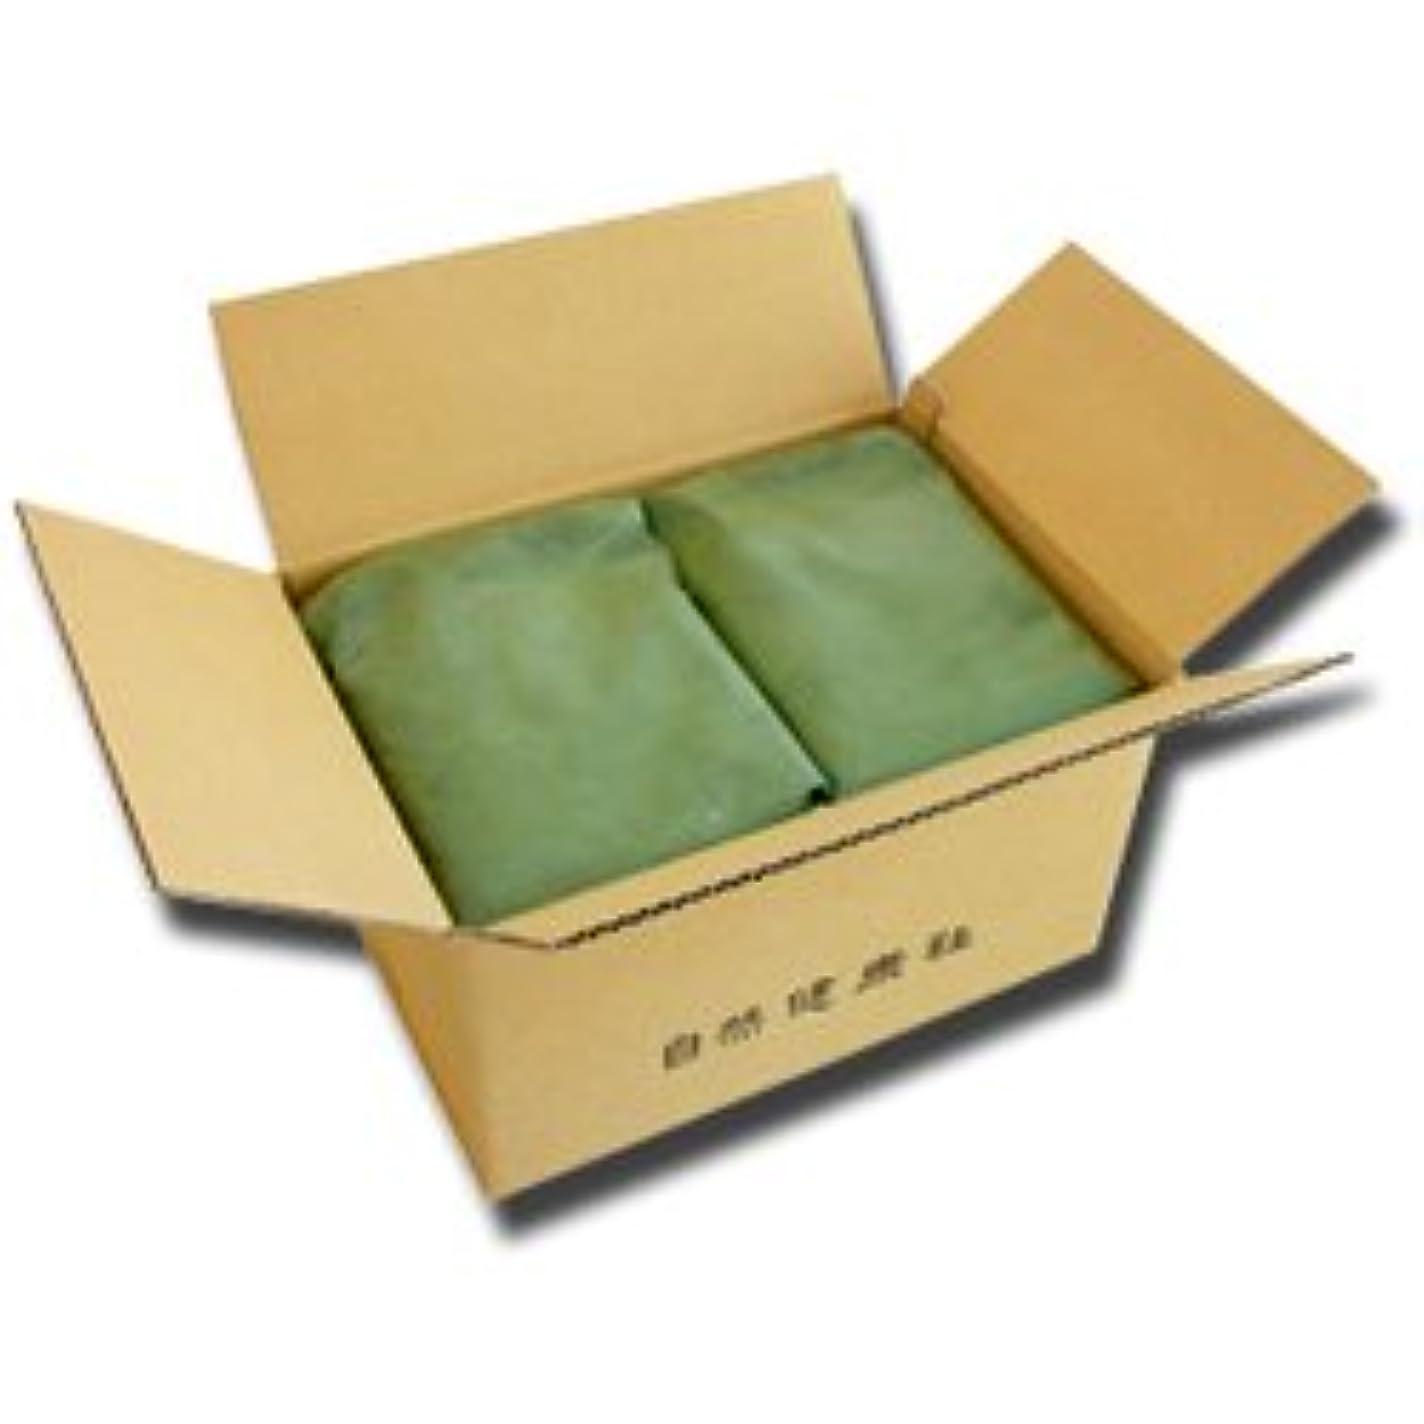 幸福計画的クライストチャーチ業務用 国産?カテキン抹茶(カテキン10%以上含有) 5kg×2 卸用 粉末